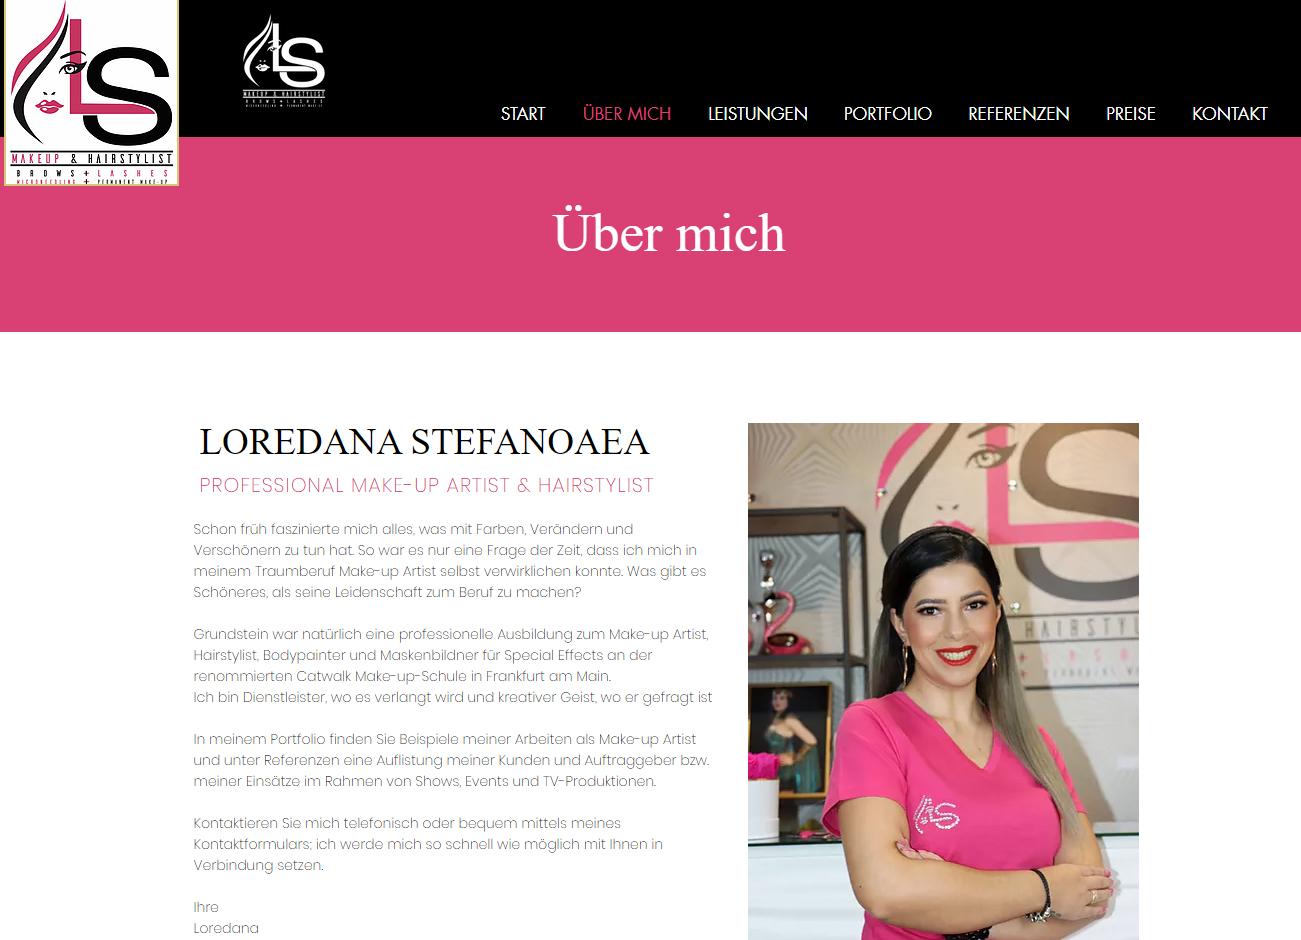 Loredana Stefanoaea